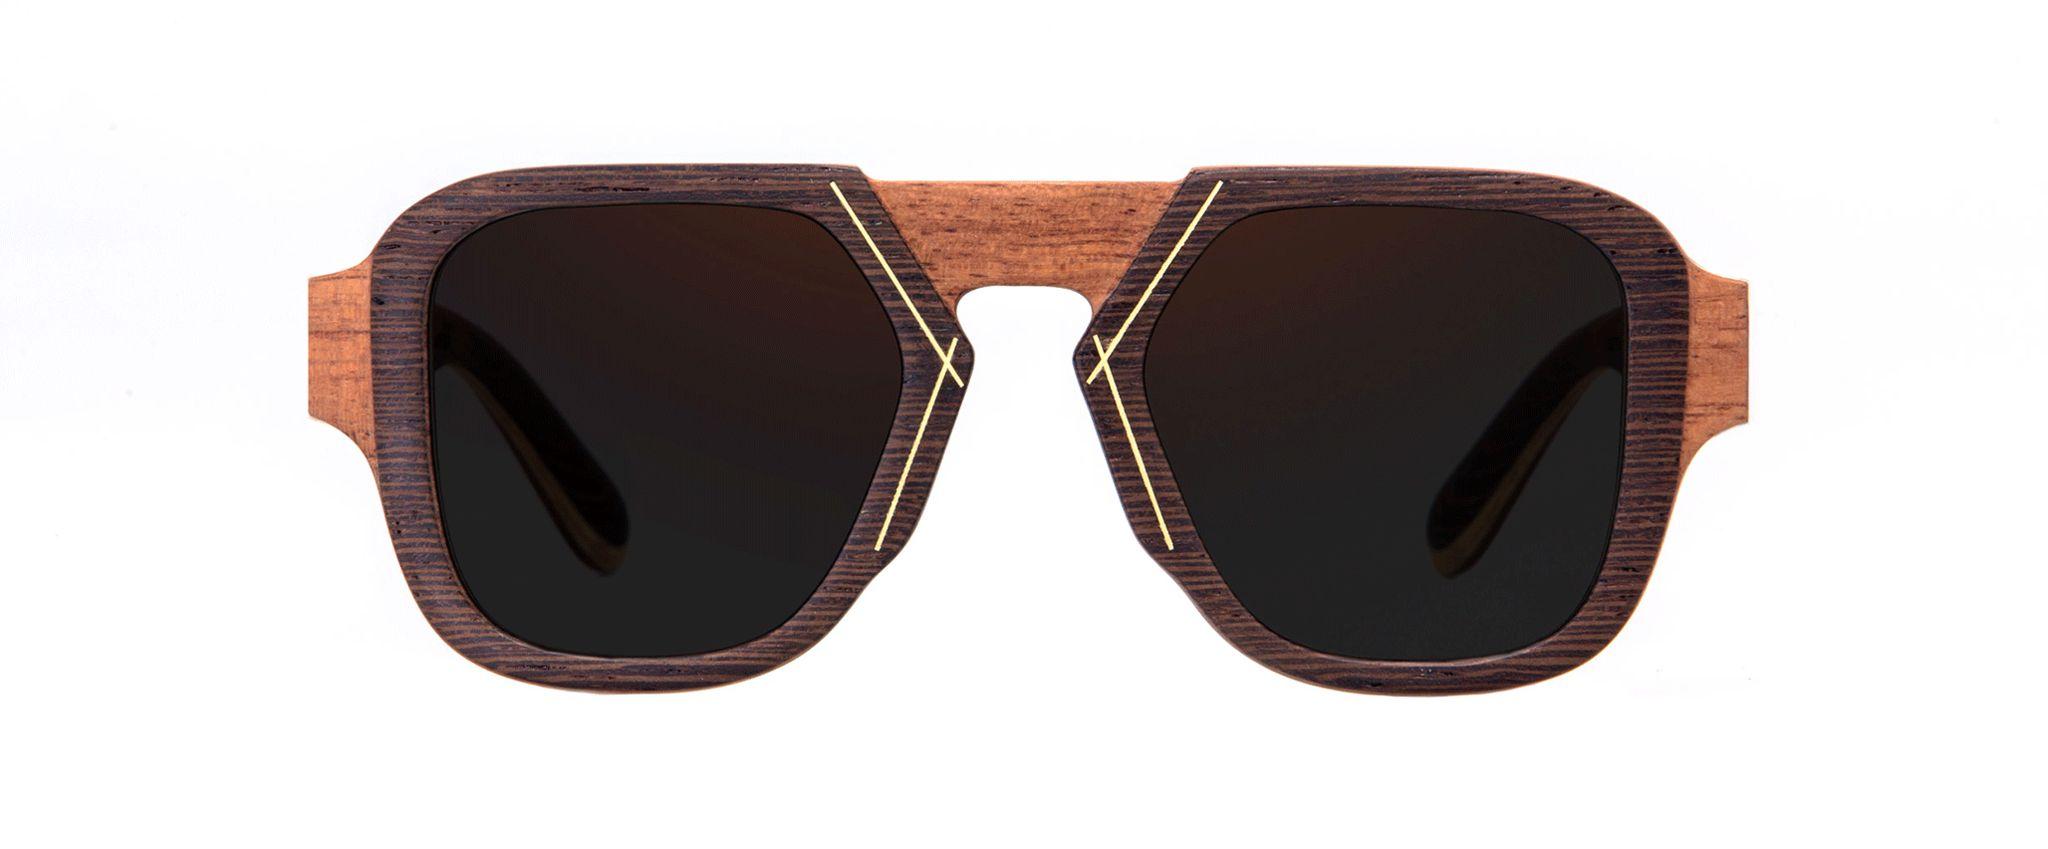 Voodoo Bubenga Vakay designer sunglasses